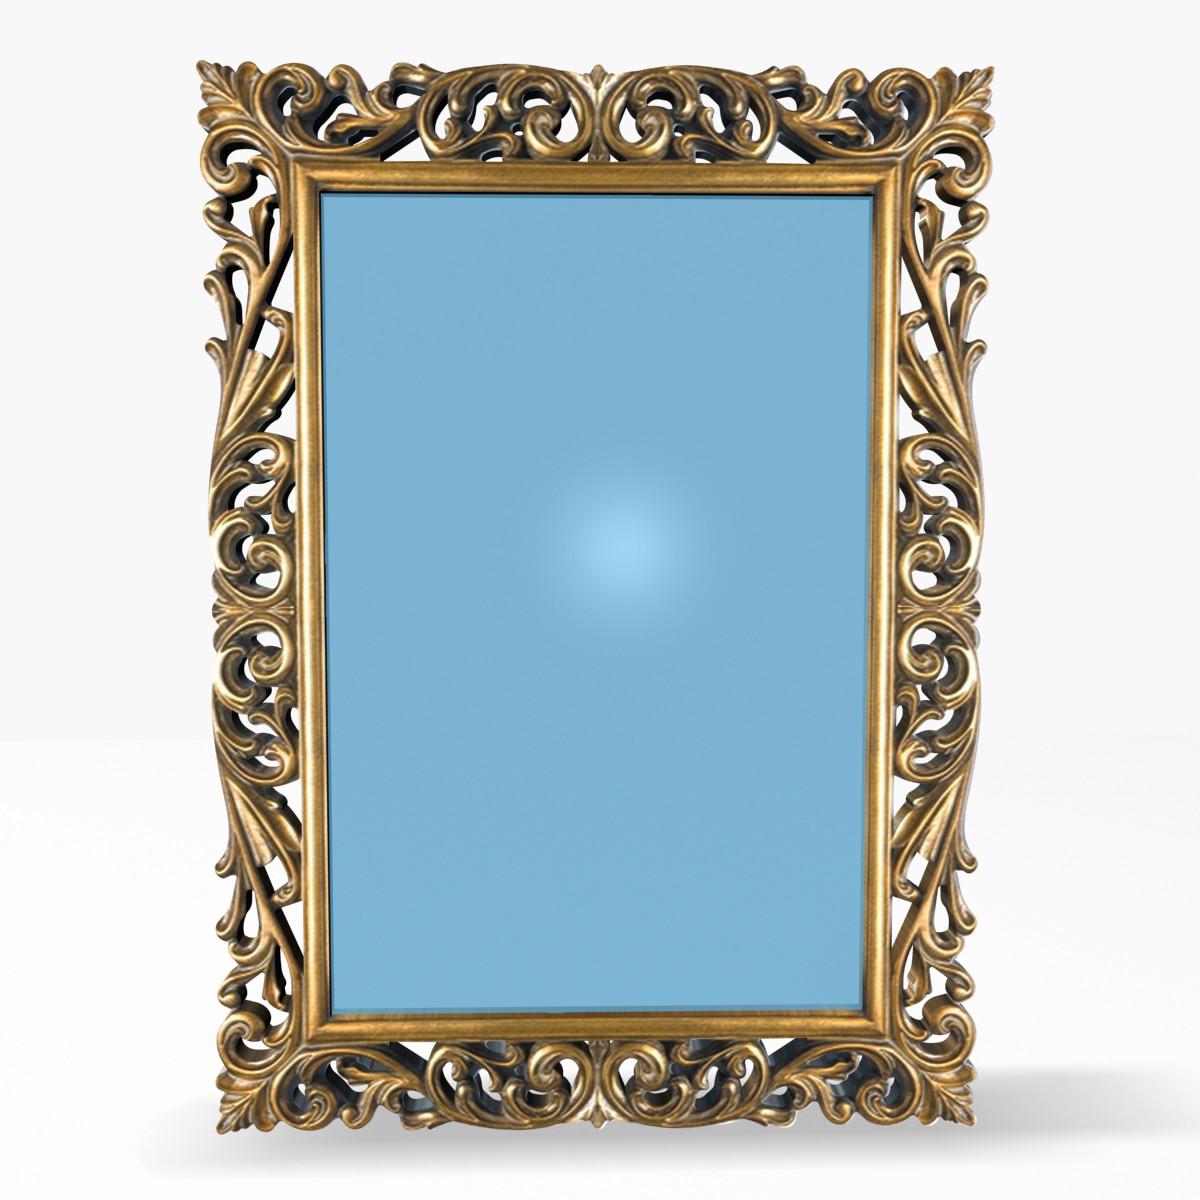 Antique mirror32011